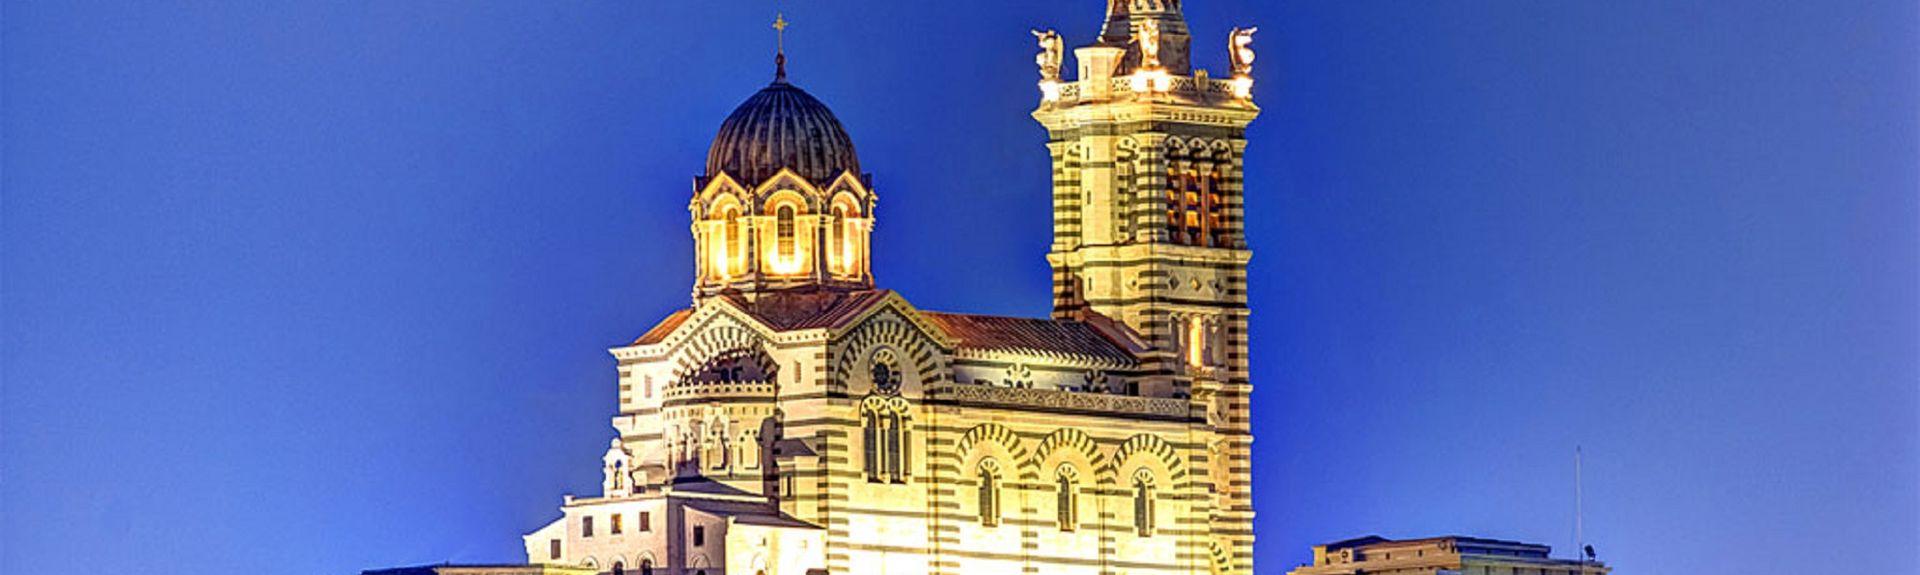 Hôtel-de-Ville, Marsiglia, Provenza-Alpi-Costa Azzurra, Francia